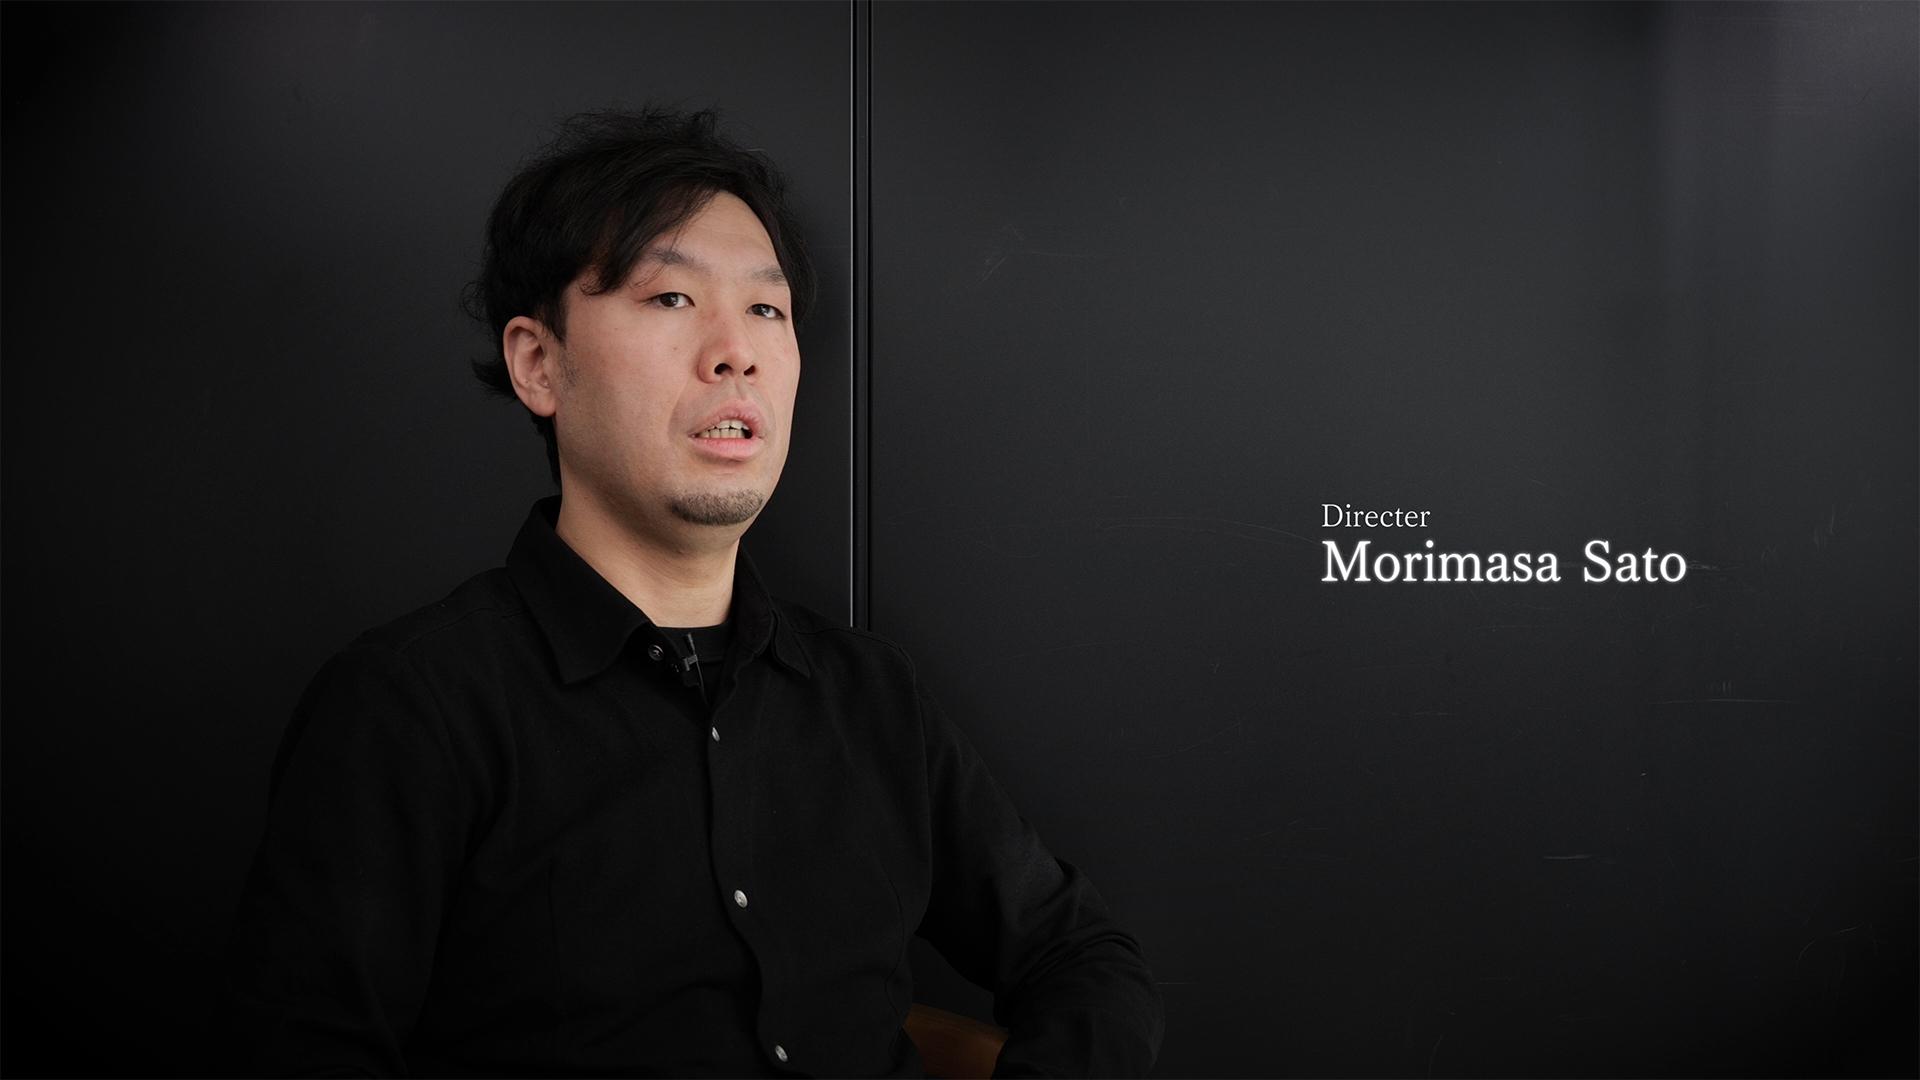 「バイオハザード ヴィレッジ」ディレクター 佐藤 盛正氏